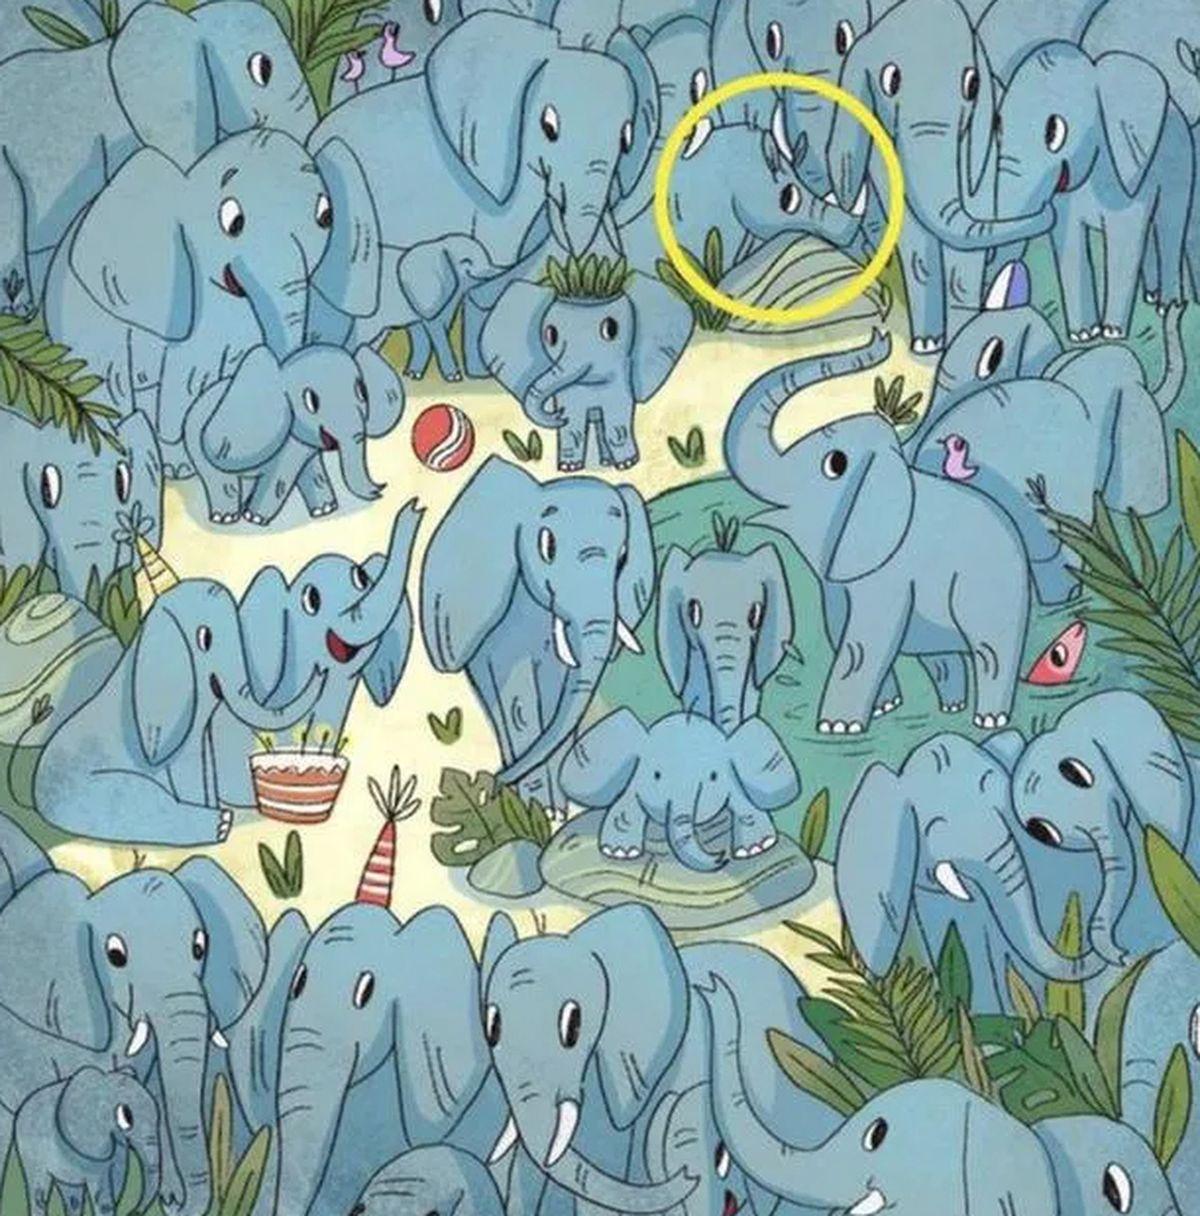 Ubicá en 5 segundos al rinoceronte camuflado entre los elefantes